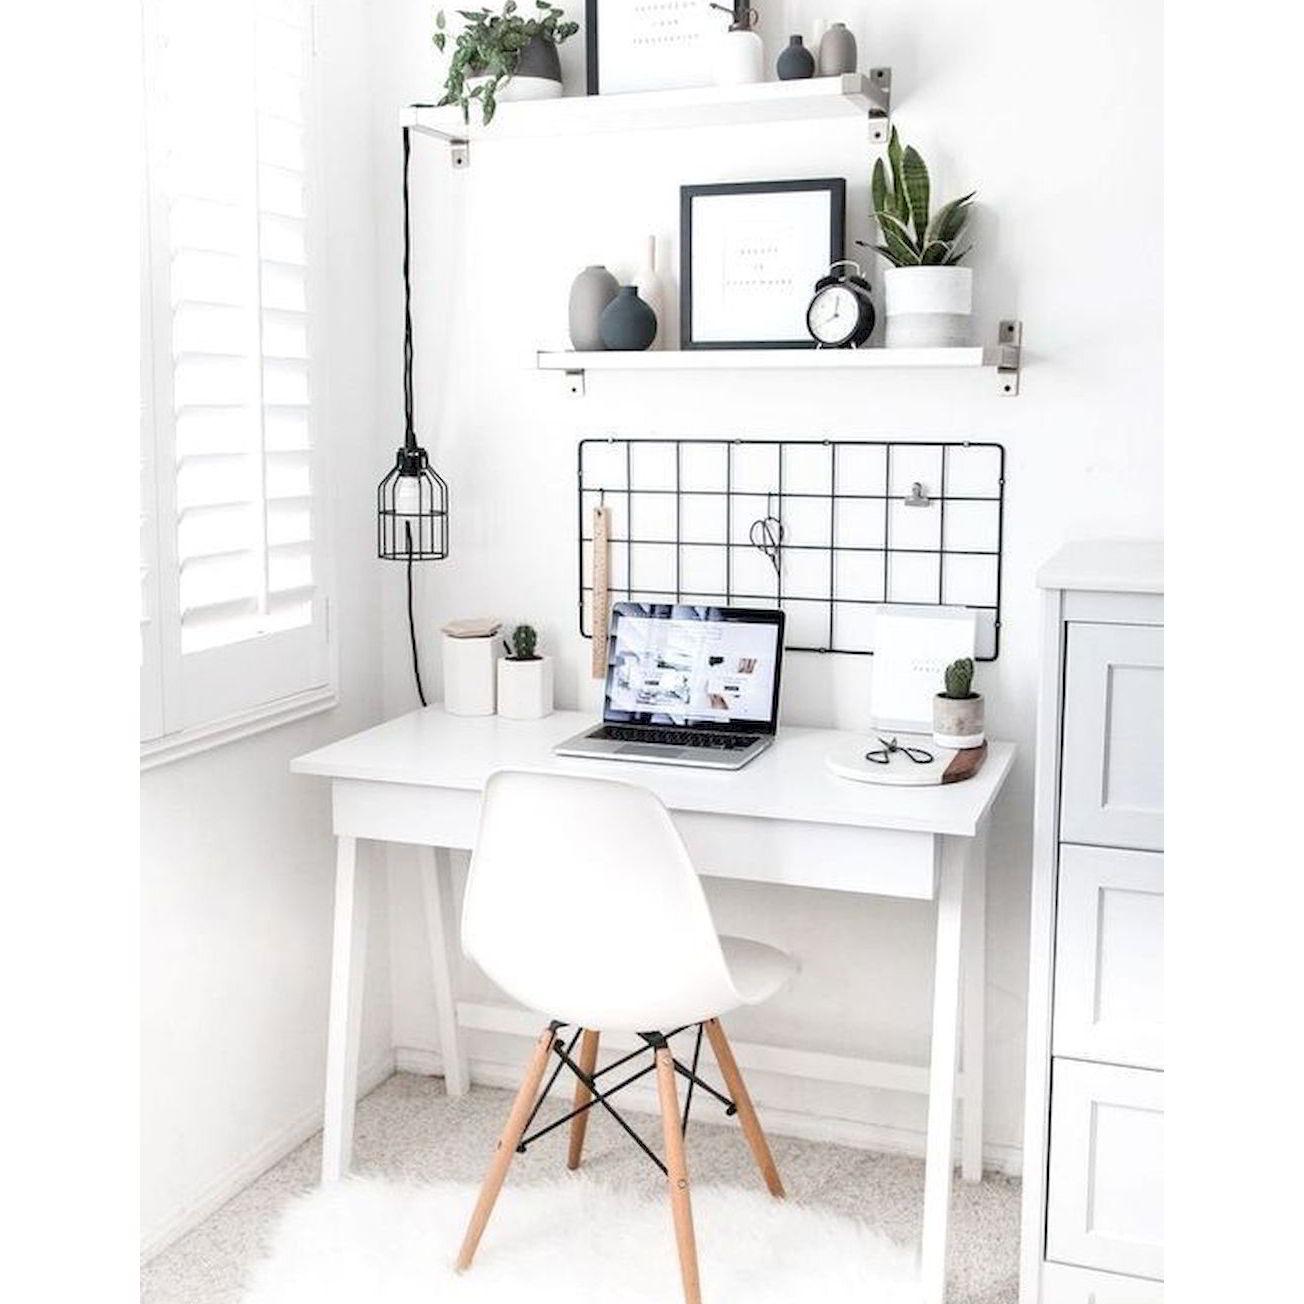 bàn làm việc màu trắng xinh xắn